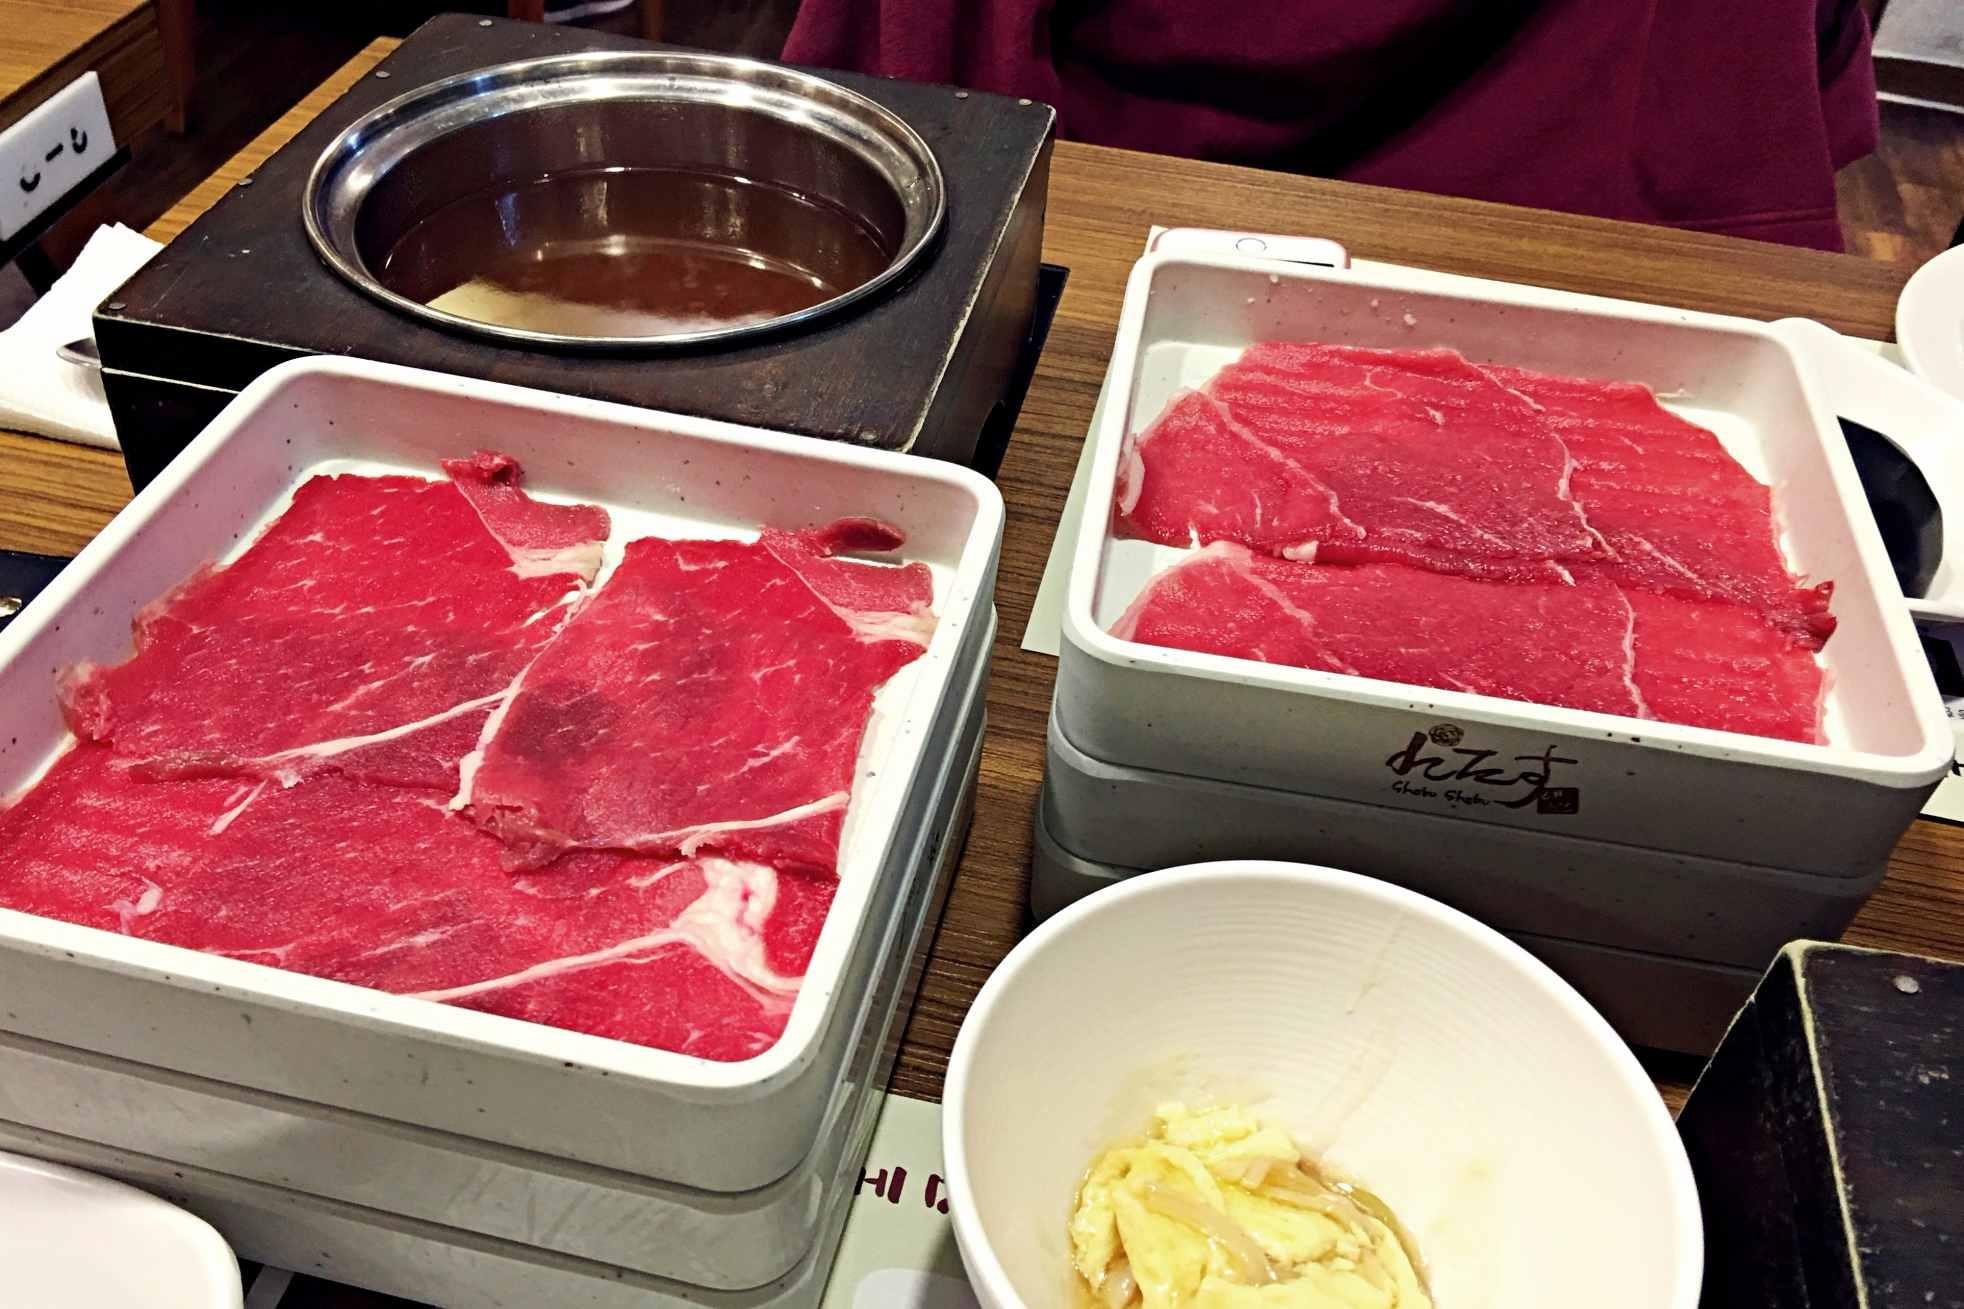 他們的肉類好新鮮,你看看那個色澤!只想快點送它們進湯底游泳,再送進嘴裡一口吃掉。